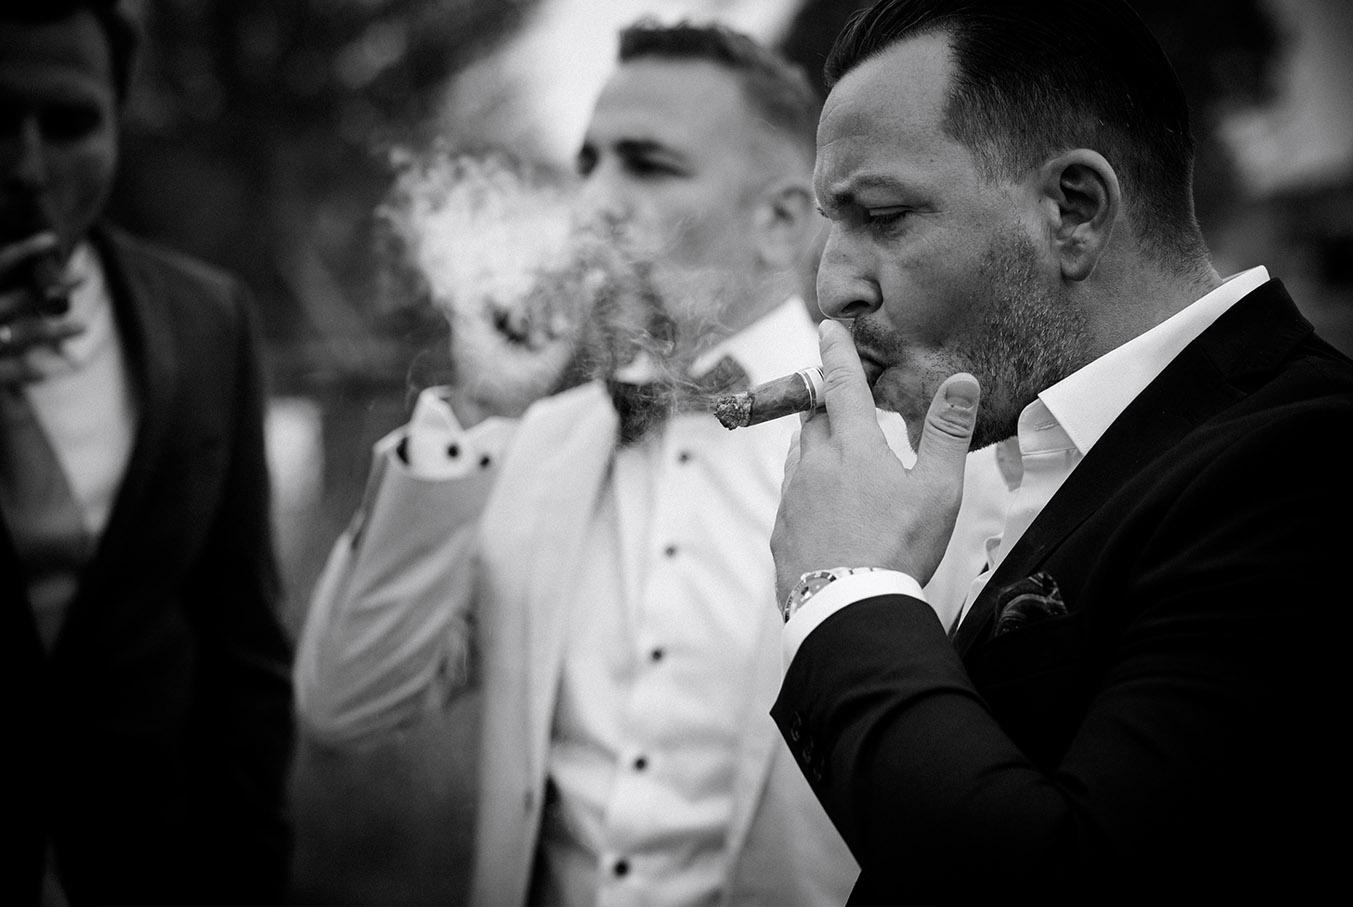 Vienna_Wien_Atzenbrugg_Hochzeit_Paar_Verlobung_Engagement_53